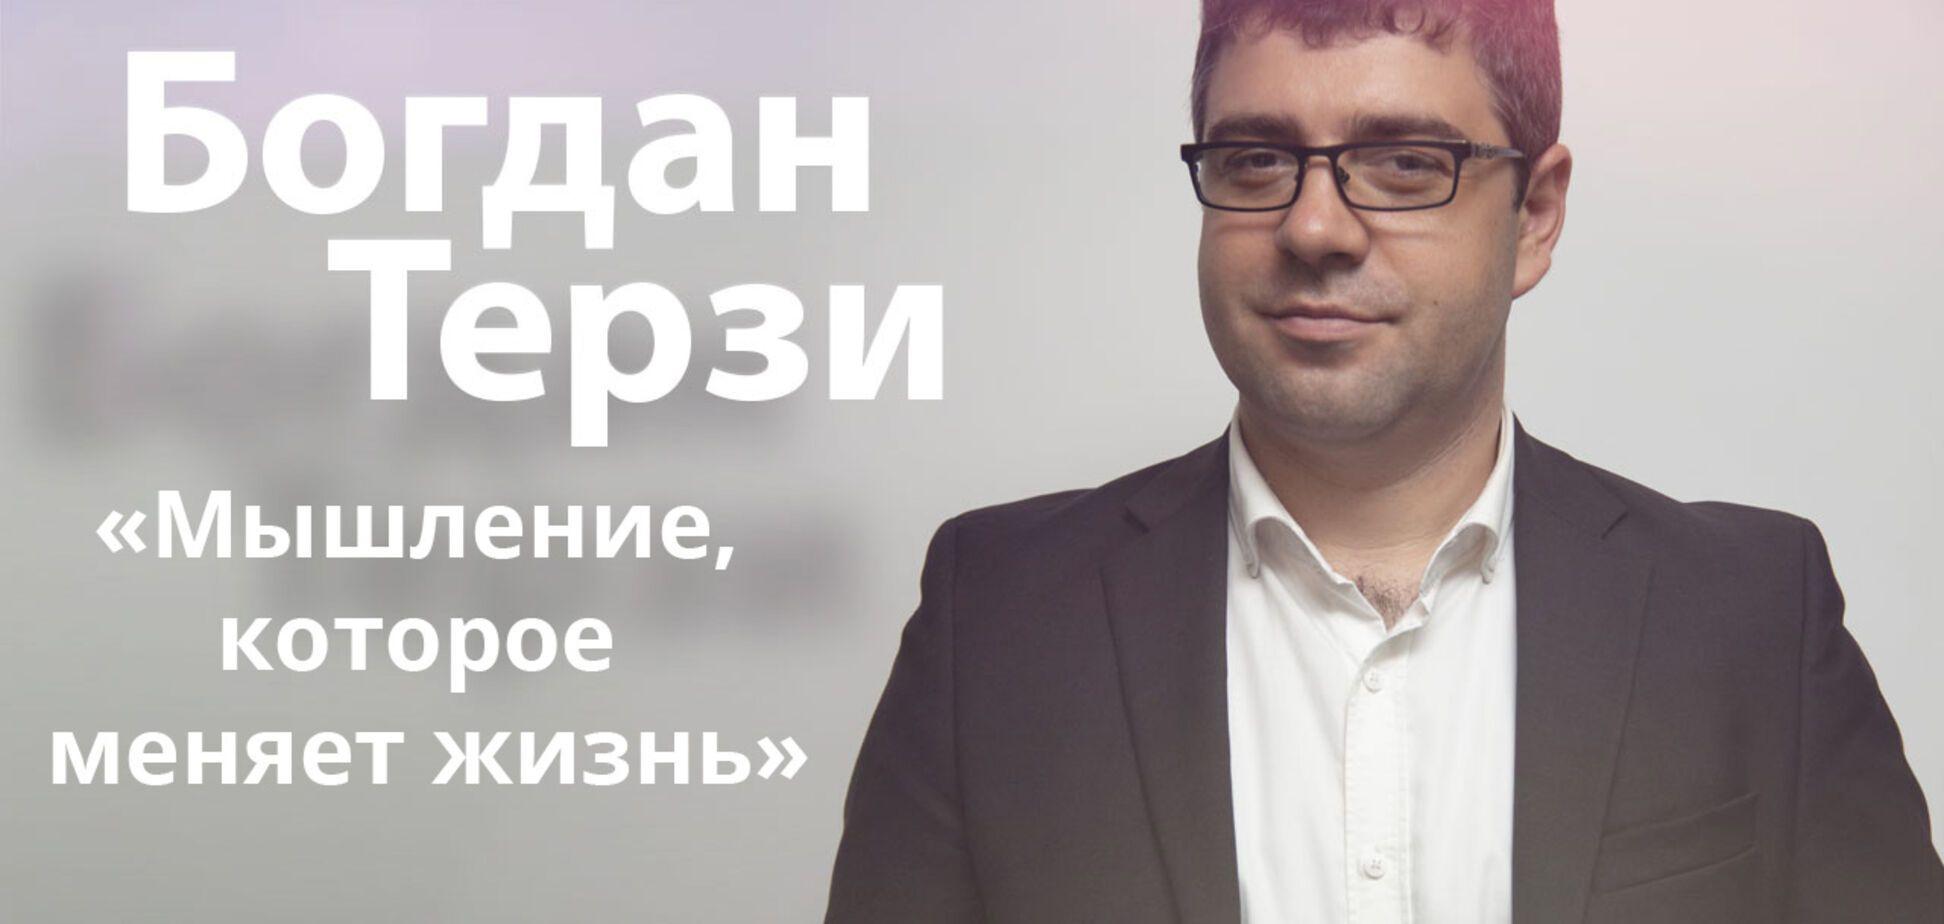 Богдан Терзи - мышление, которое меняет жизнь